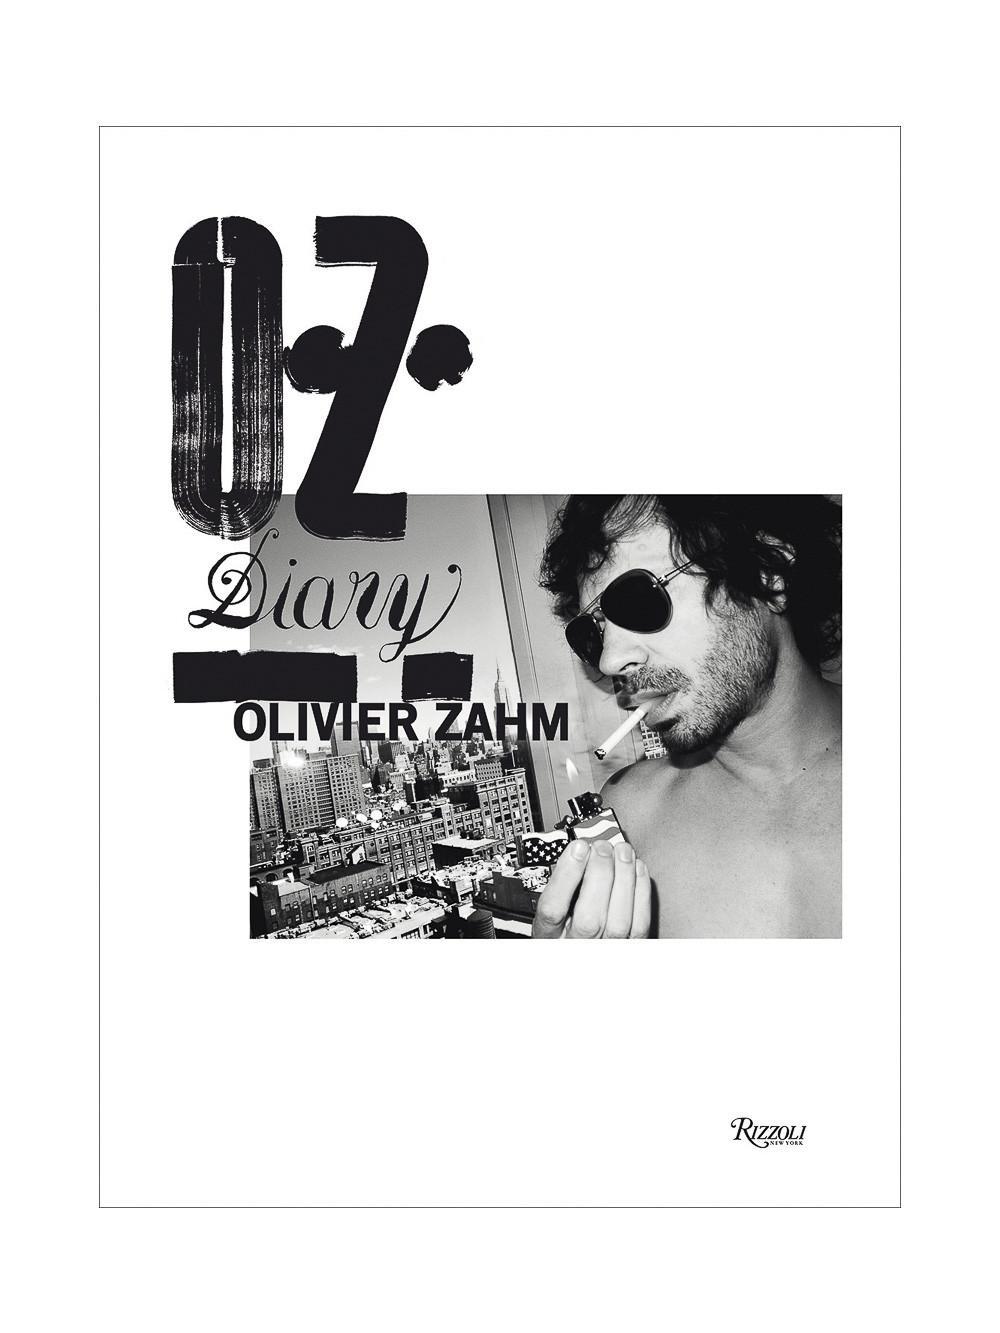 Rizzoli O.z. : Olivier Zahm Diary